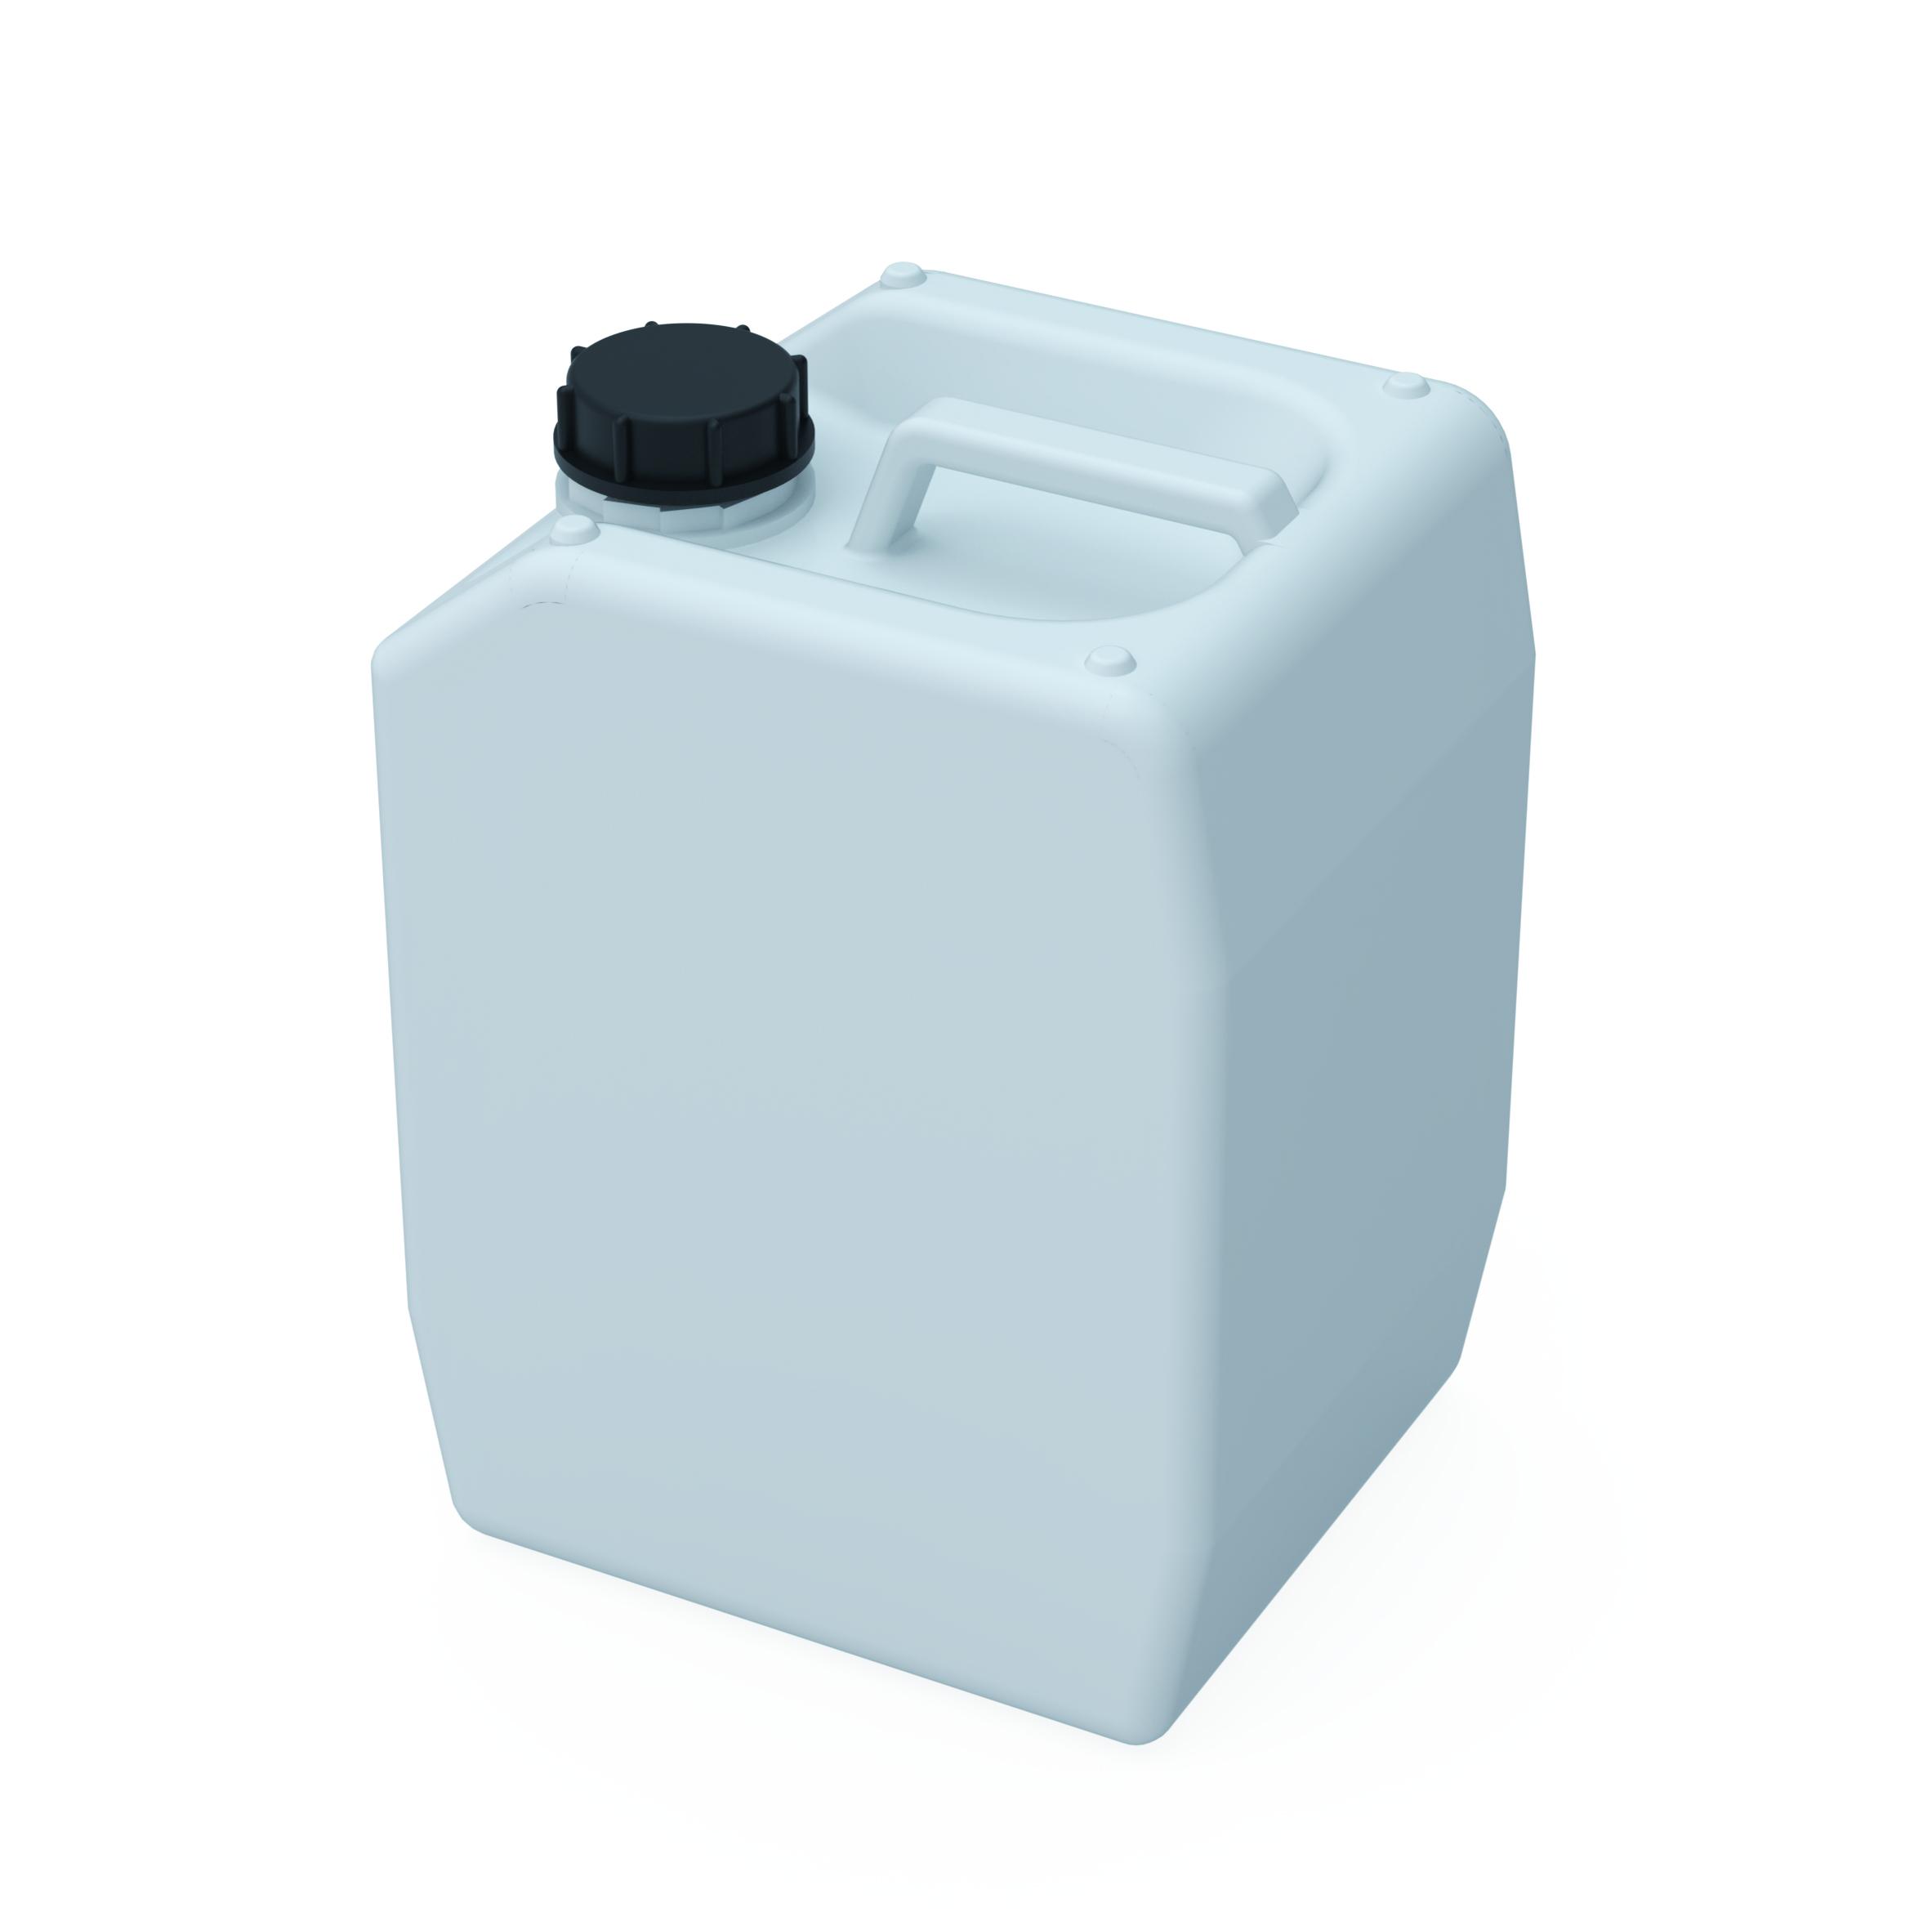 Kanister S55  Kanister mit Gewinde S55 (DIN51) zum Sammeln flüssiger Abfälle. Ausführung gemäß Tabelle  Abmess